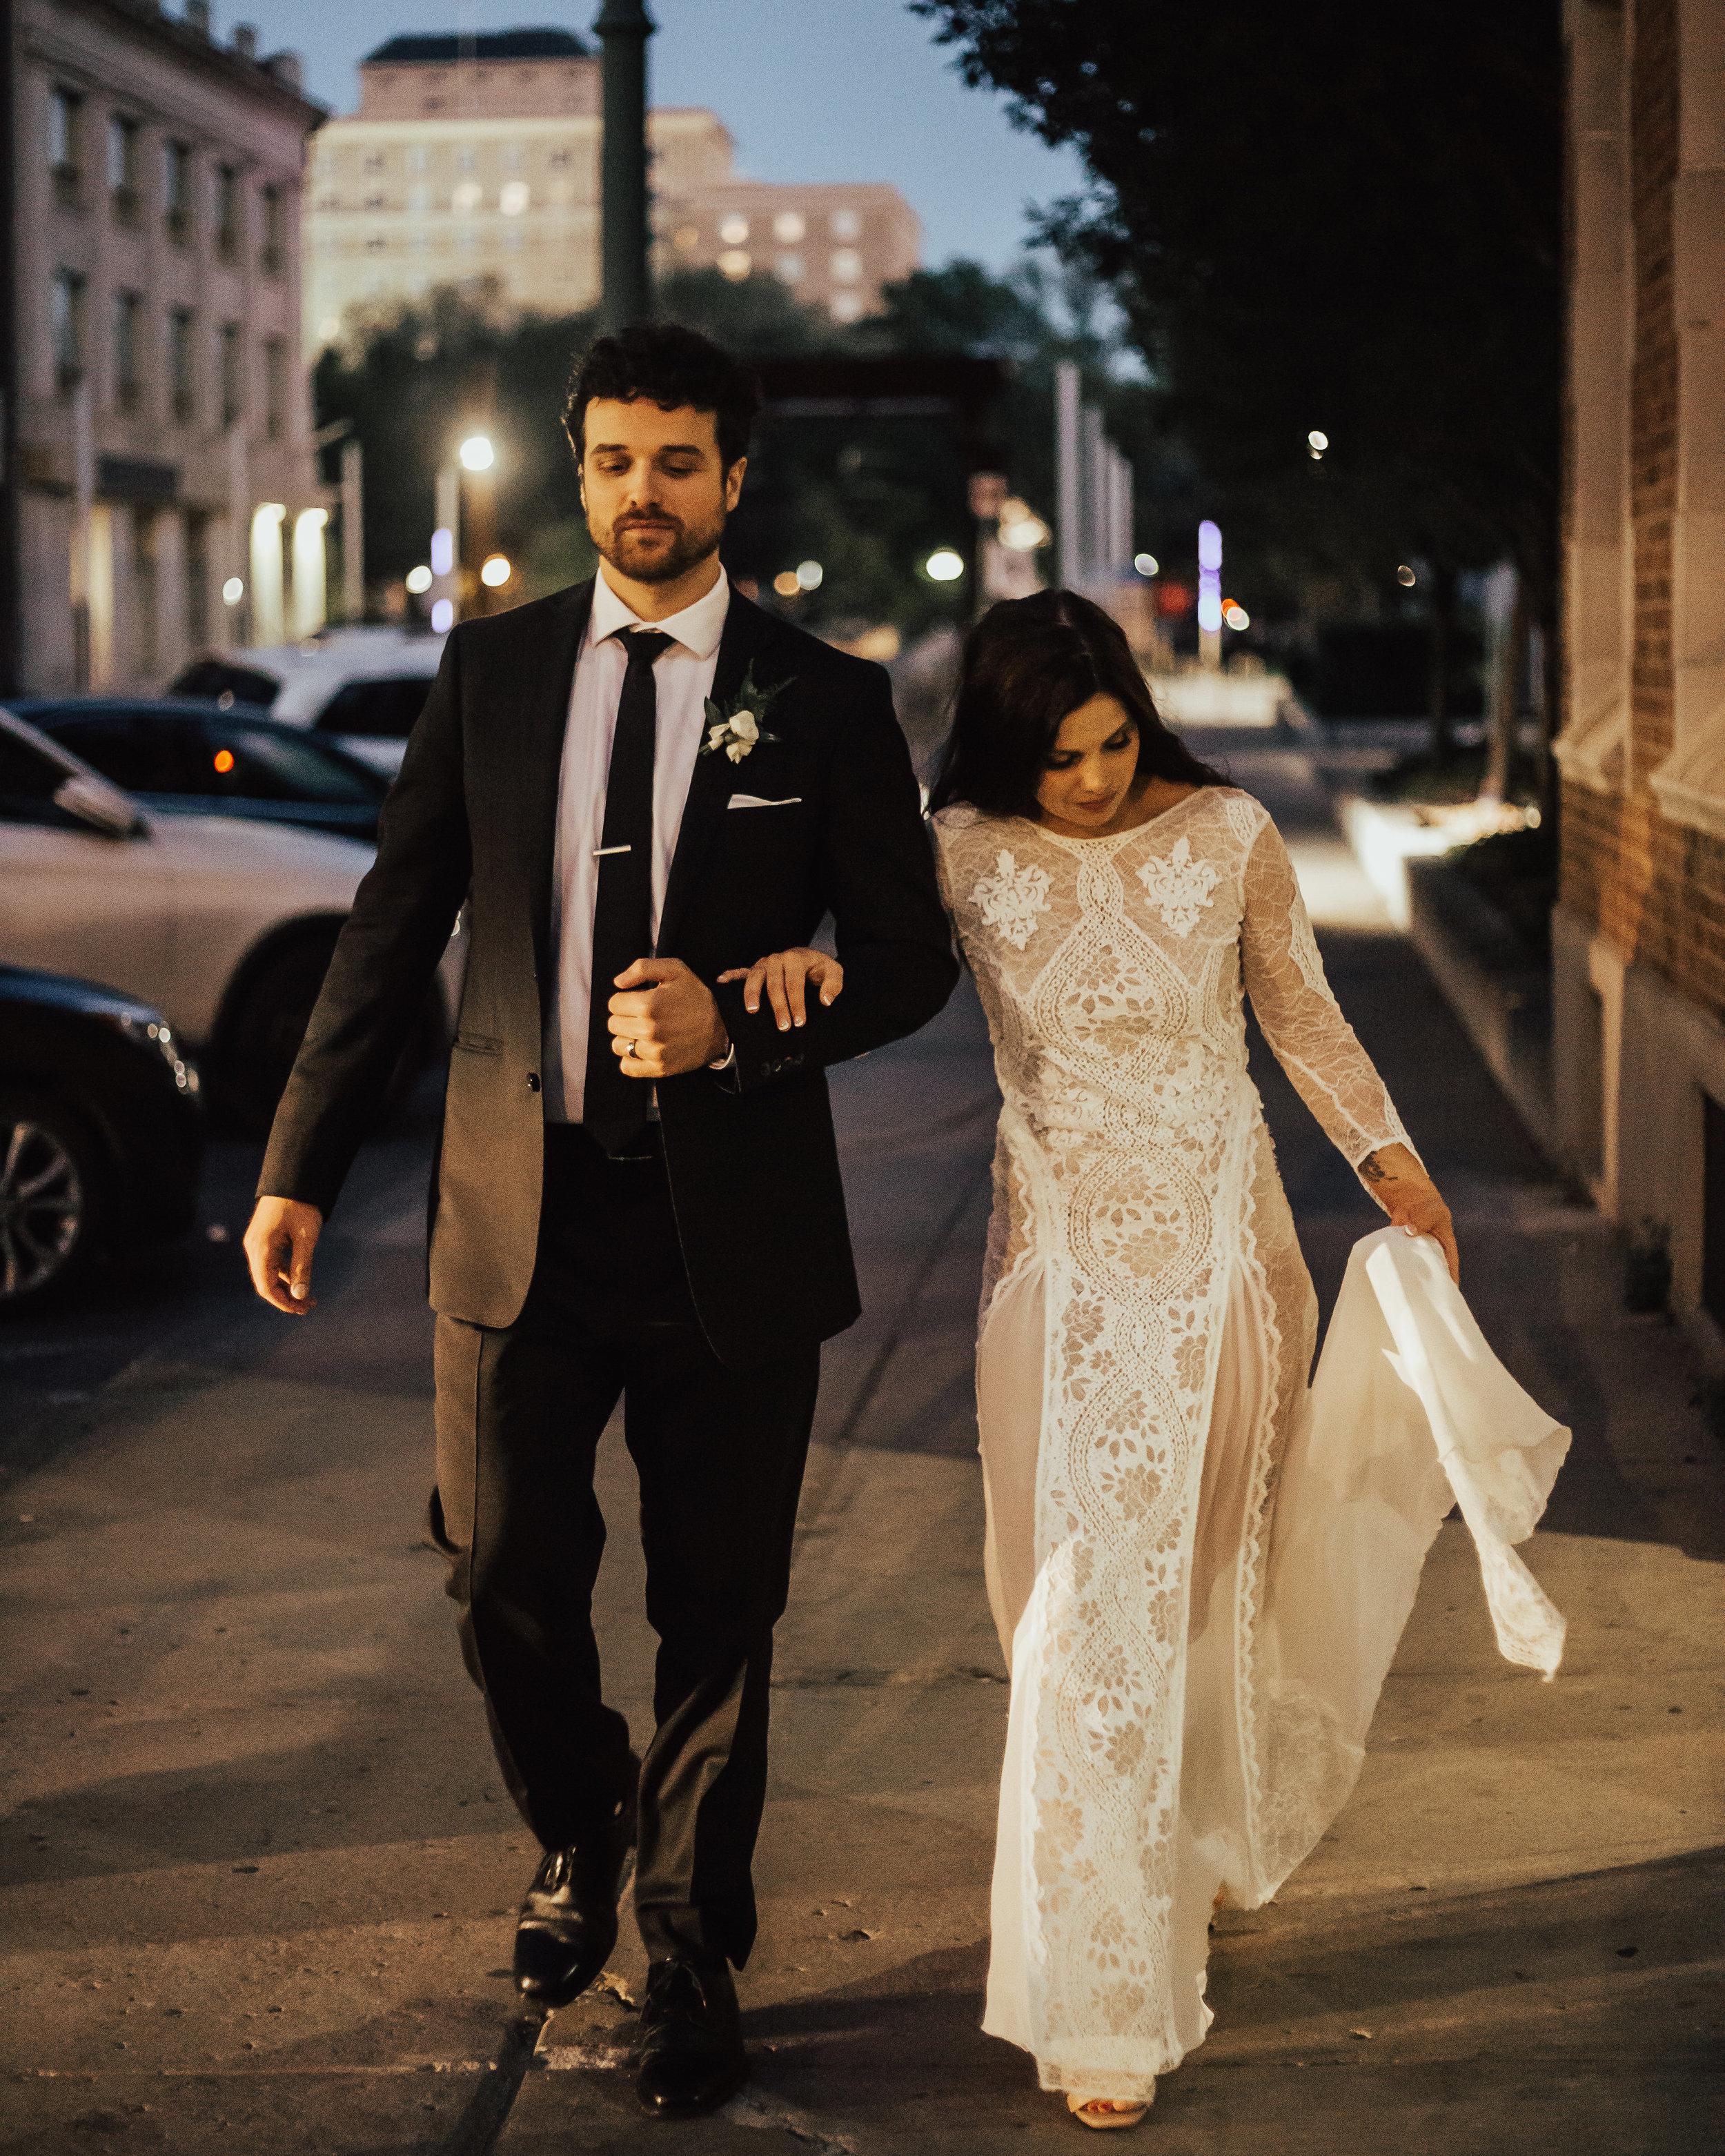 Down town wedding Regina